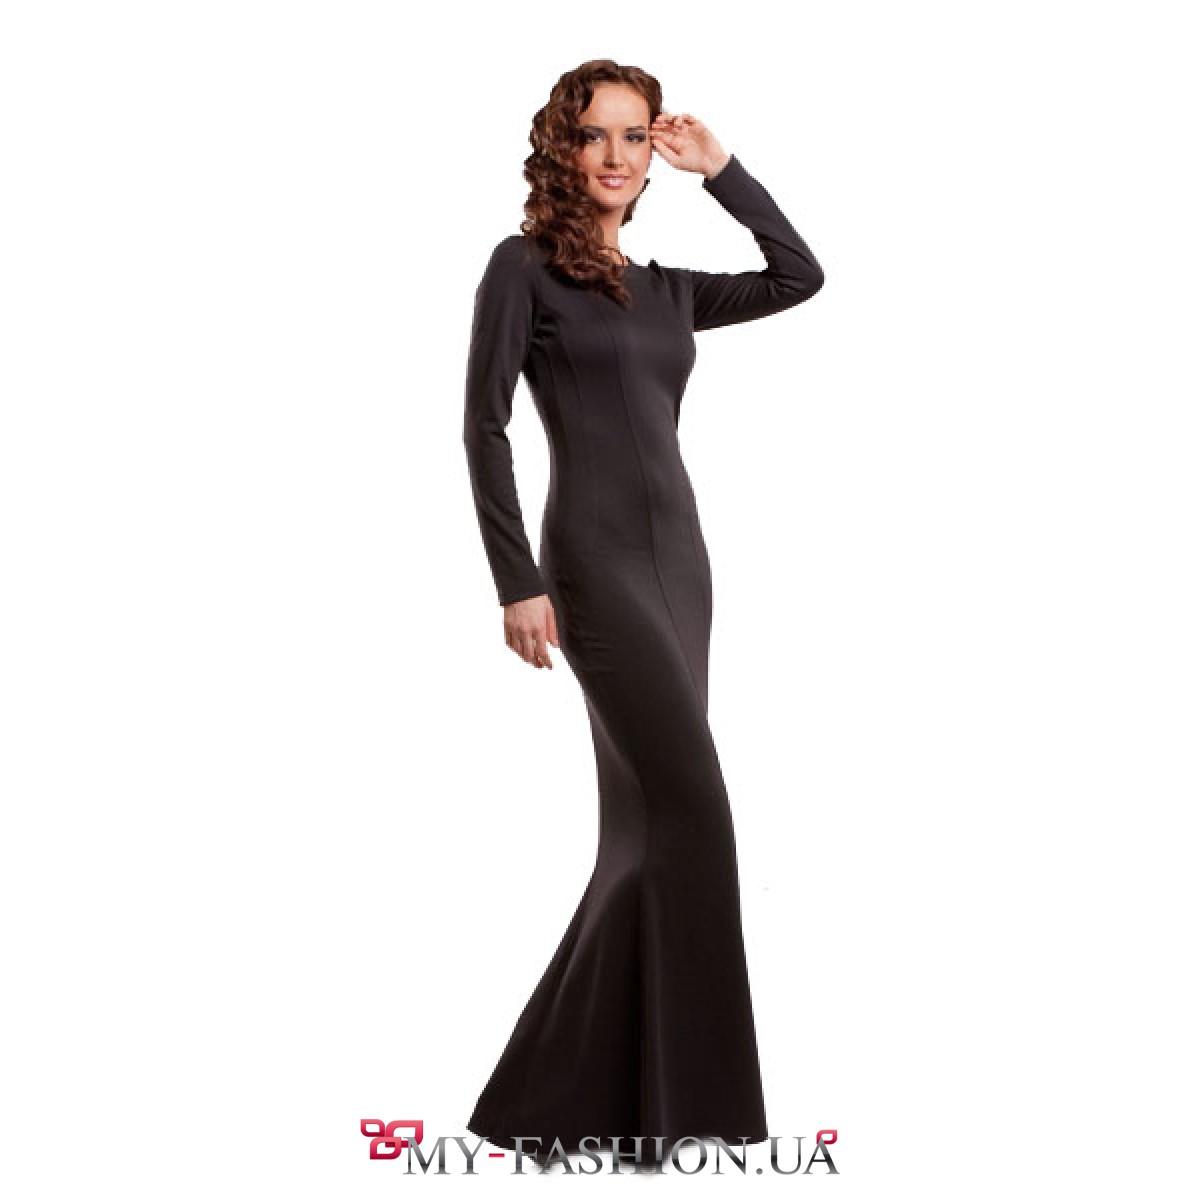 Женская одежда из трикотажа доставка